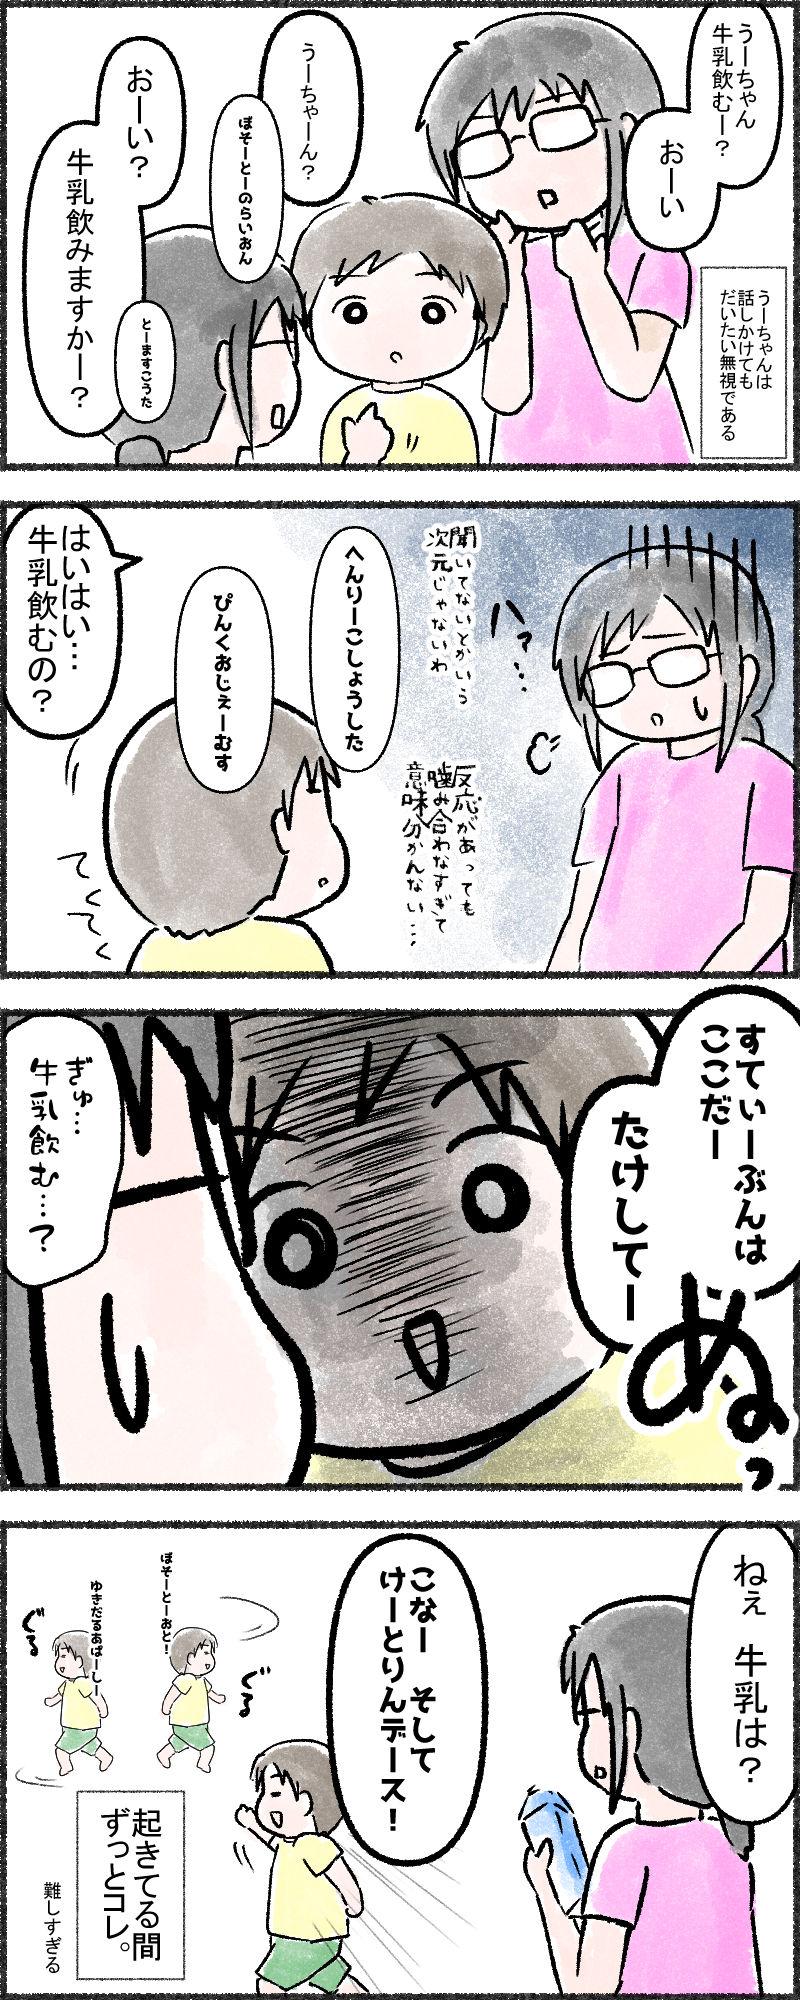 f:id:munyasan:20191230191846j:plain:w400